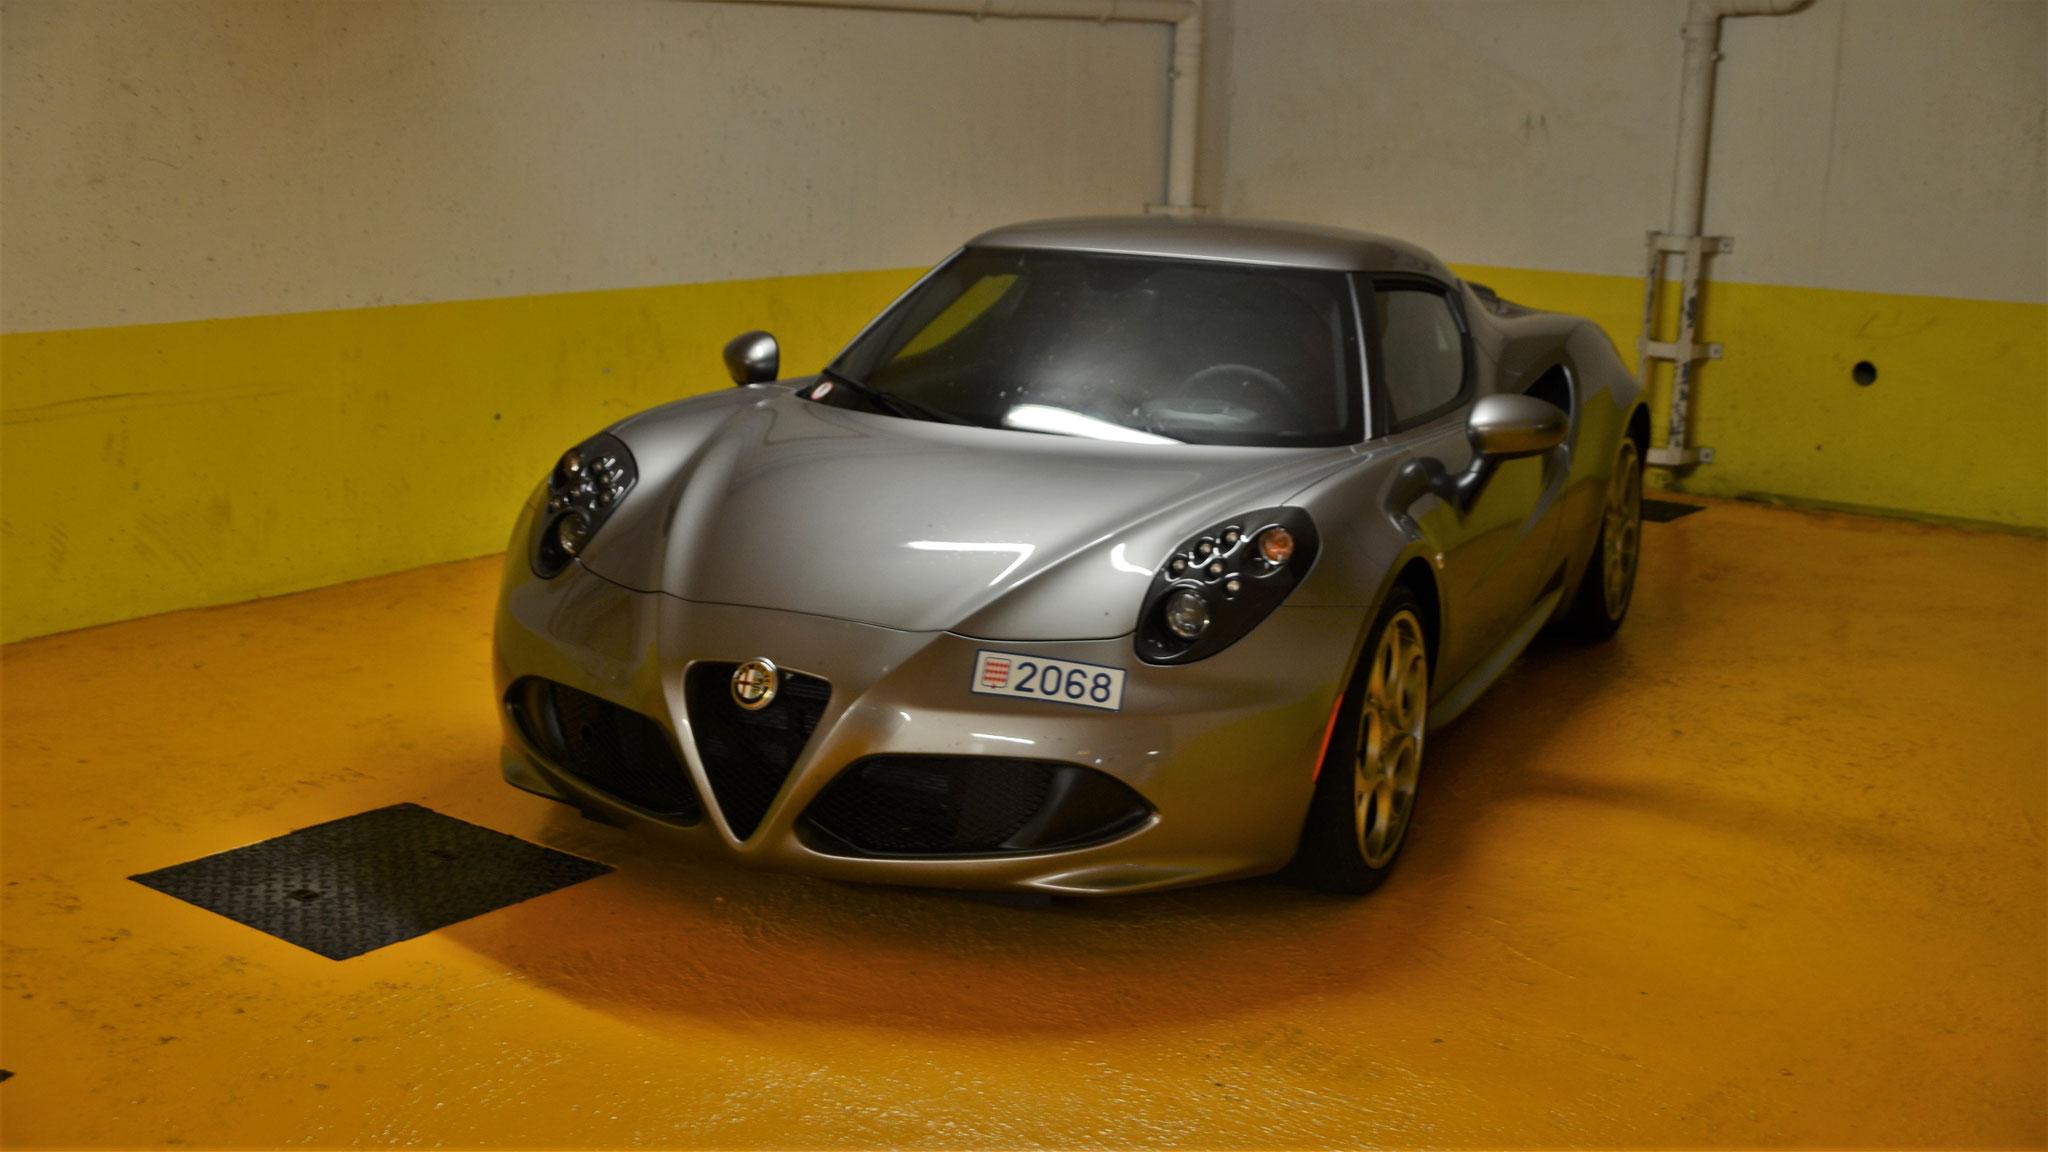 Alfa Romeo 4C - 2068 (MC)